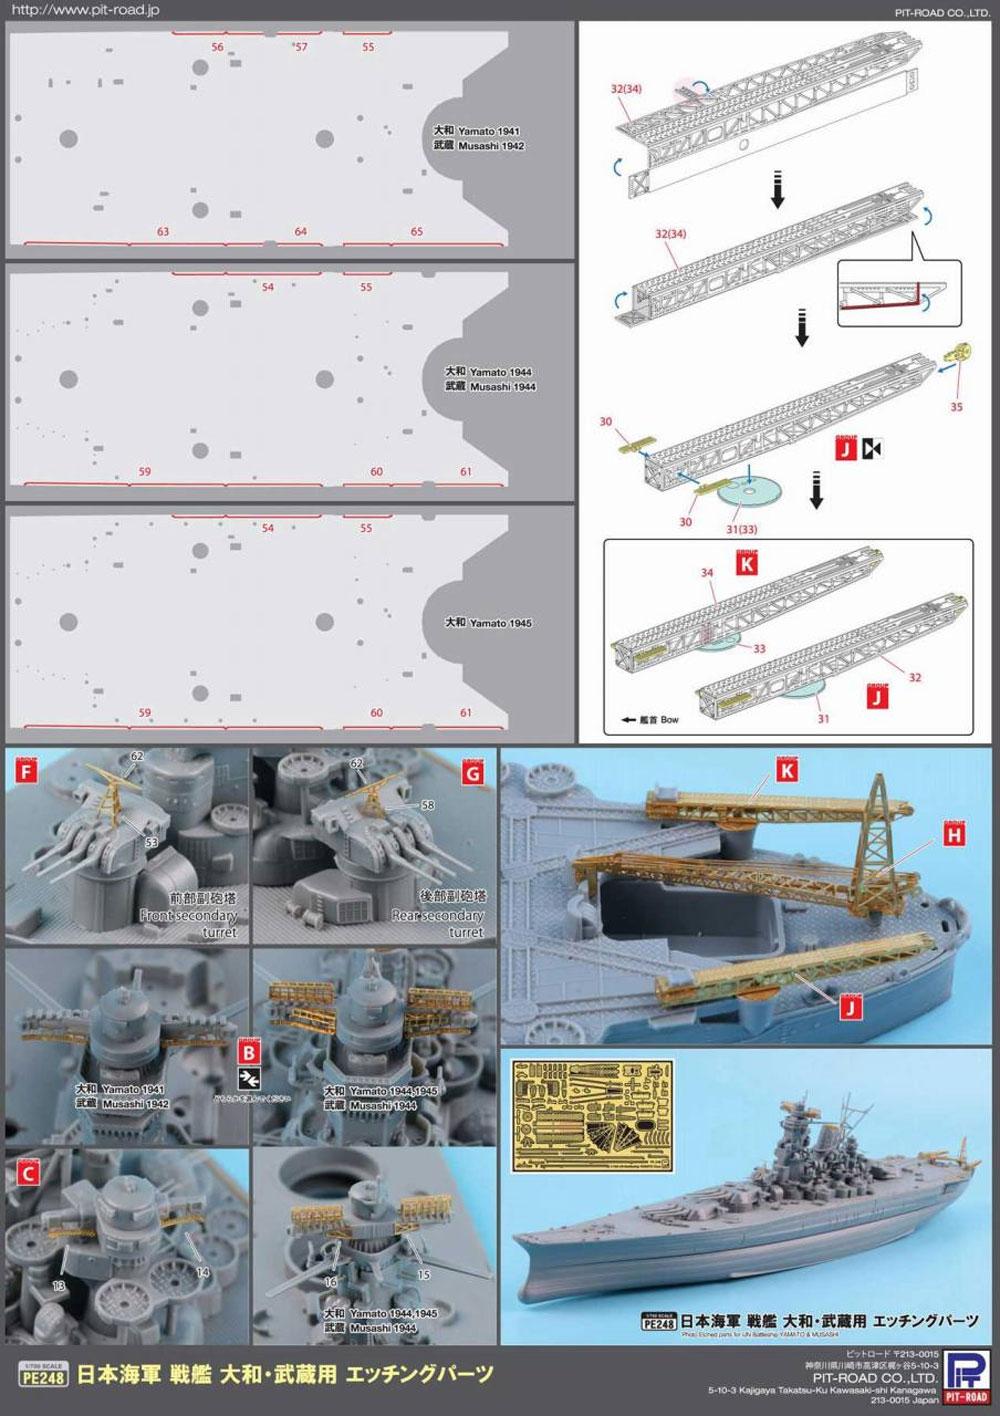 日本海軍 戦艦 武蔵 レイテ沖海戦時 エッチングパーツ付プラモデル(ピットロード1/700 スカイウェーブ W シリーズNo.W201E)商品画像_4